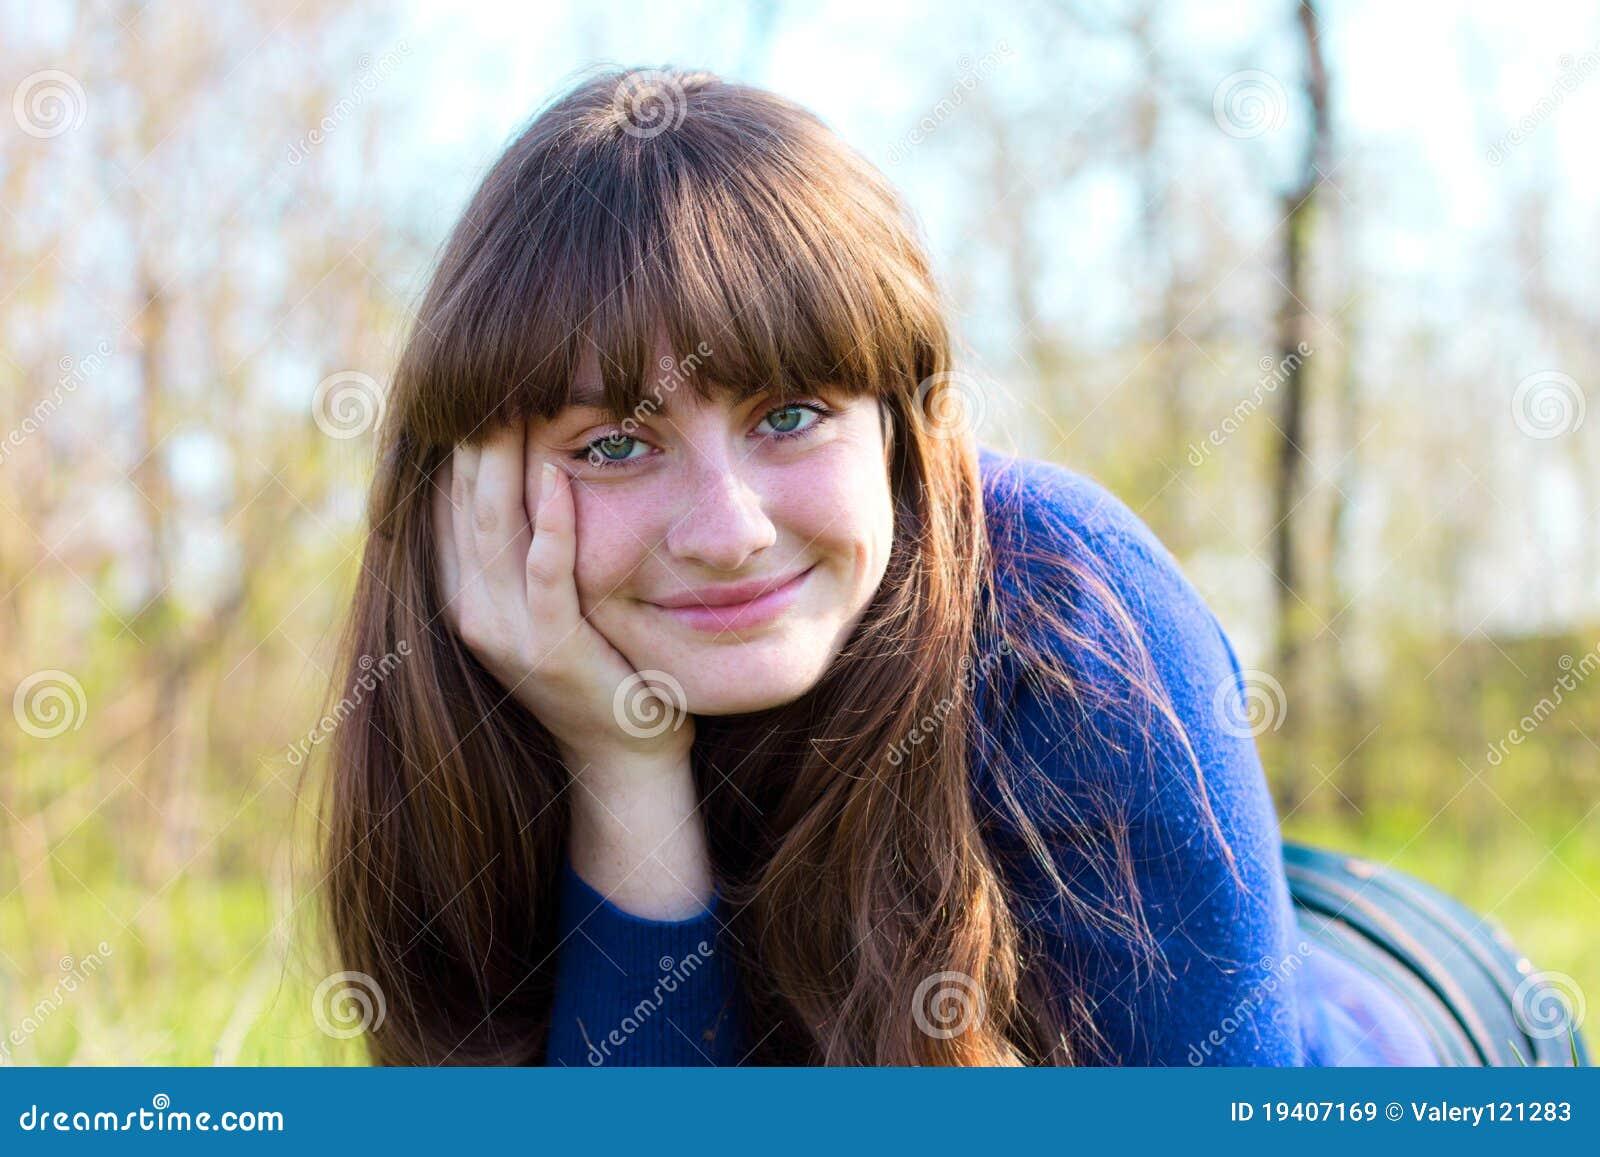 Single beautiful woman relaxing outdoor